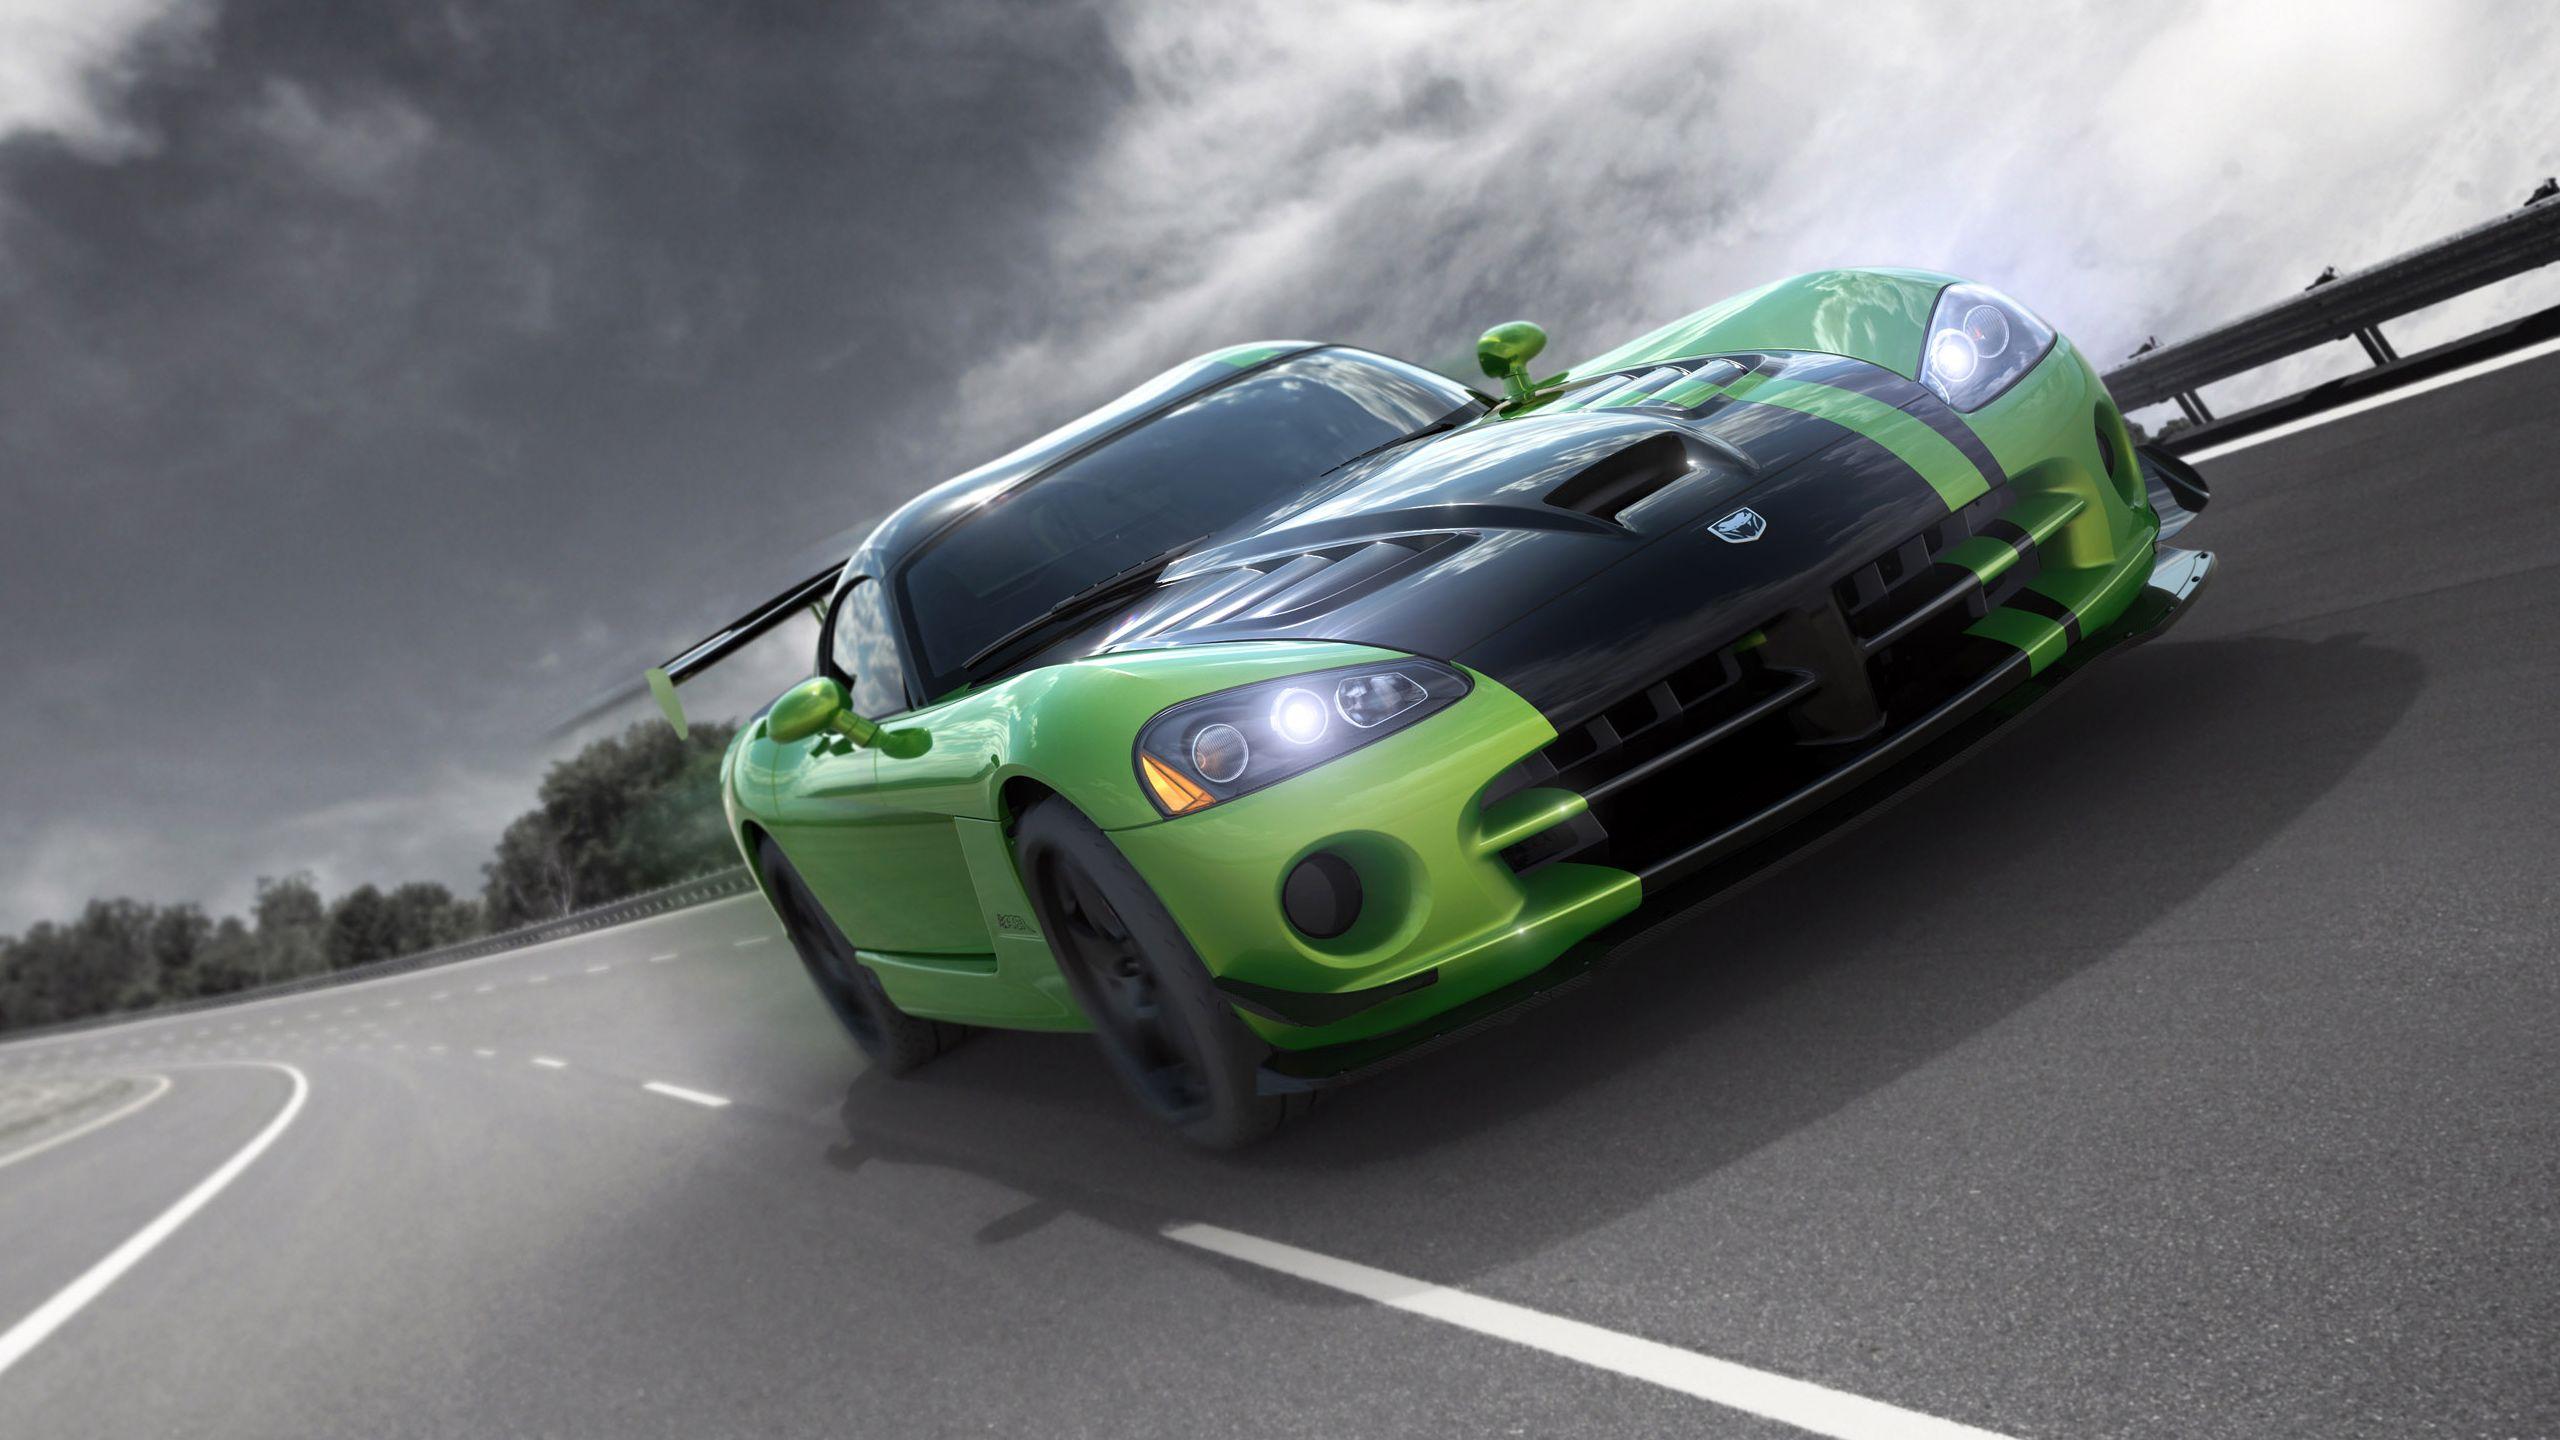 Dodge viper gts r wallpaper